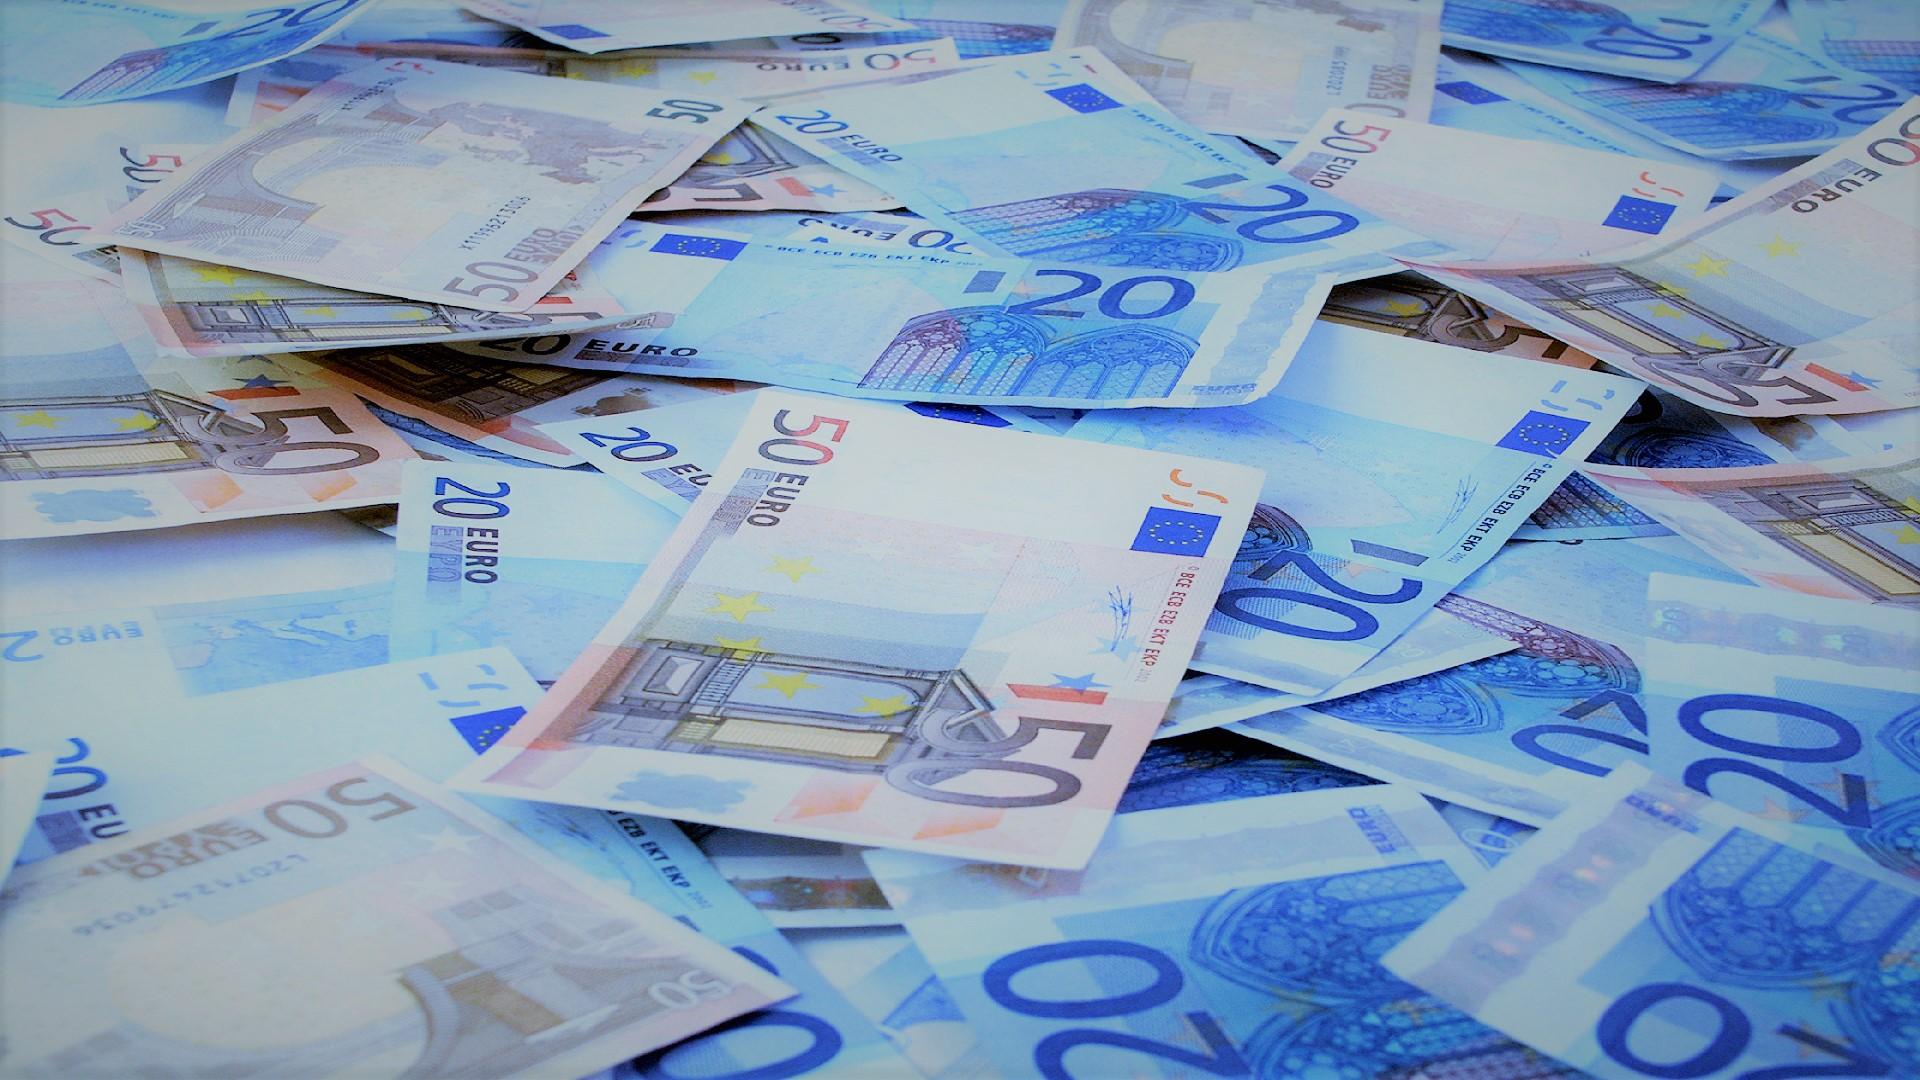 Immagine di banconote da venti e cinquanta euro, rappresentante il servizio delle indagini finanziarie offerte dall'azienda Verità Legale.